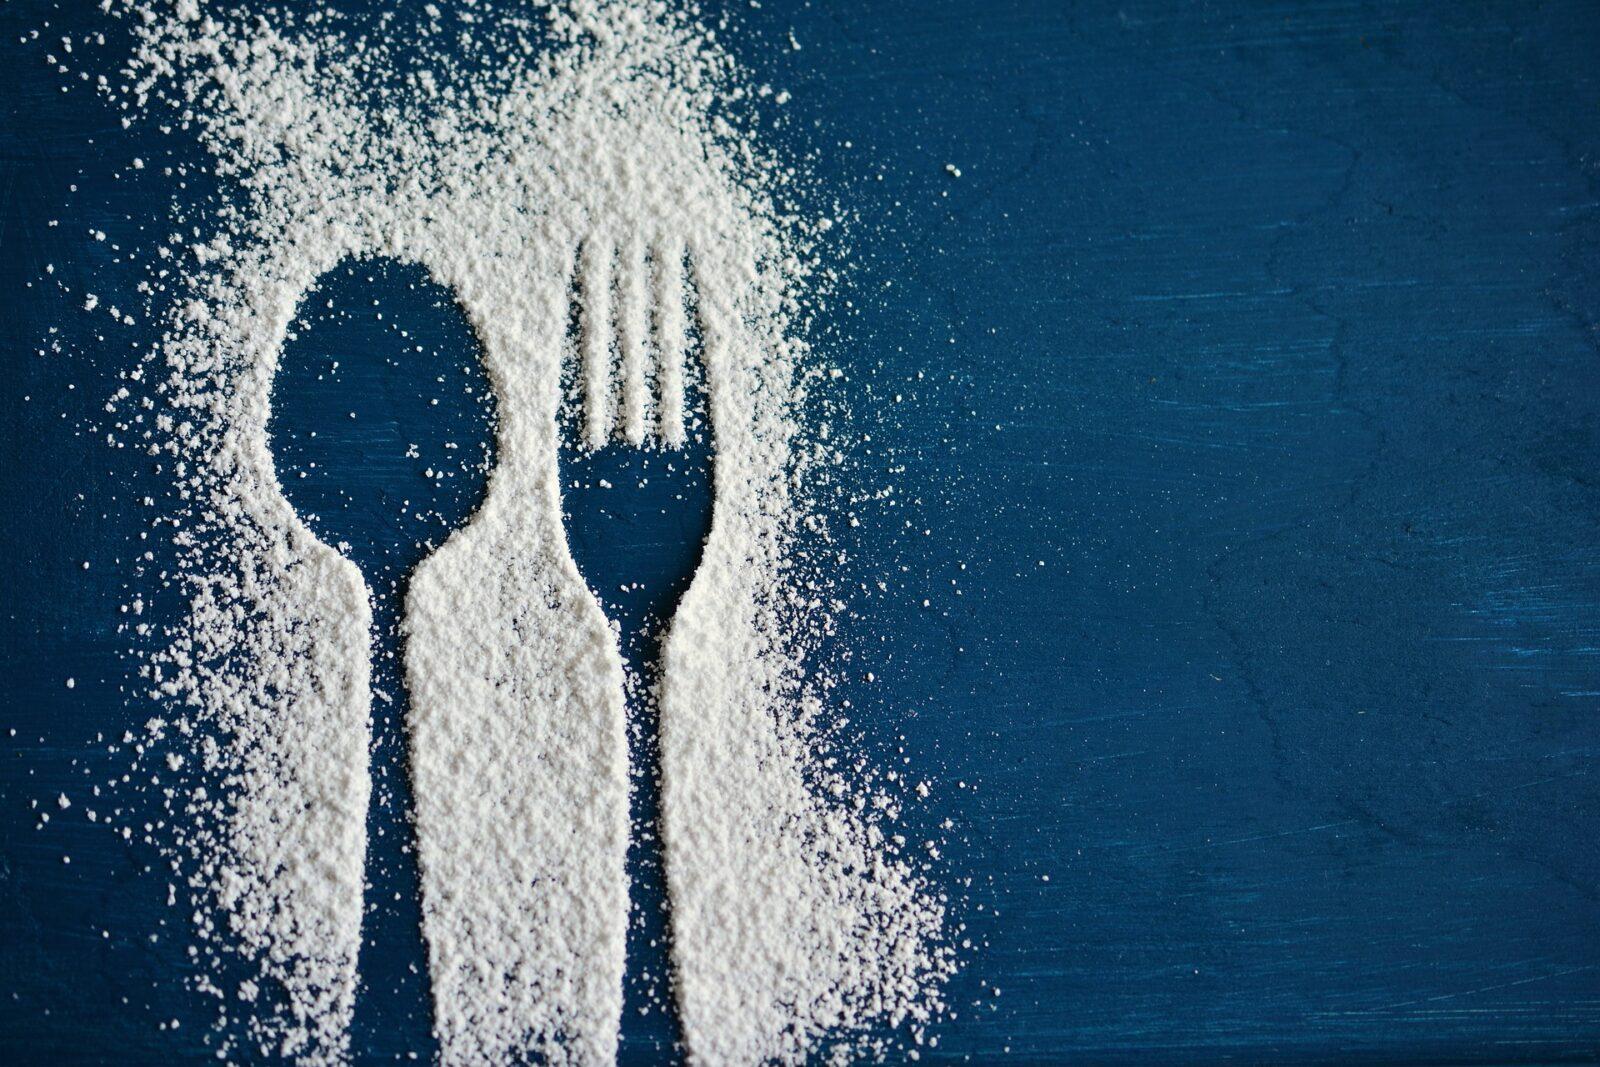 spilled-salt-spoon-and-fork-outline